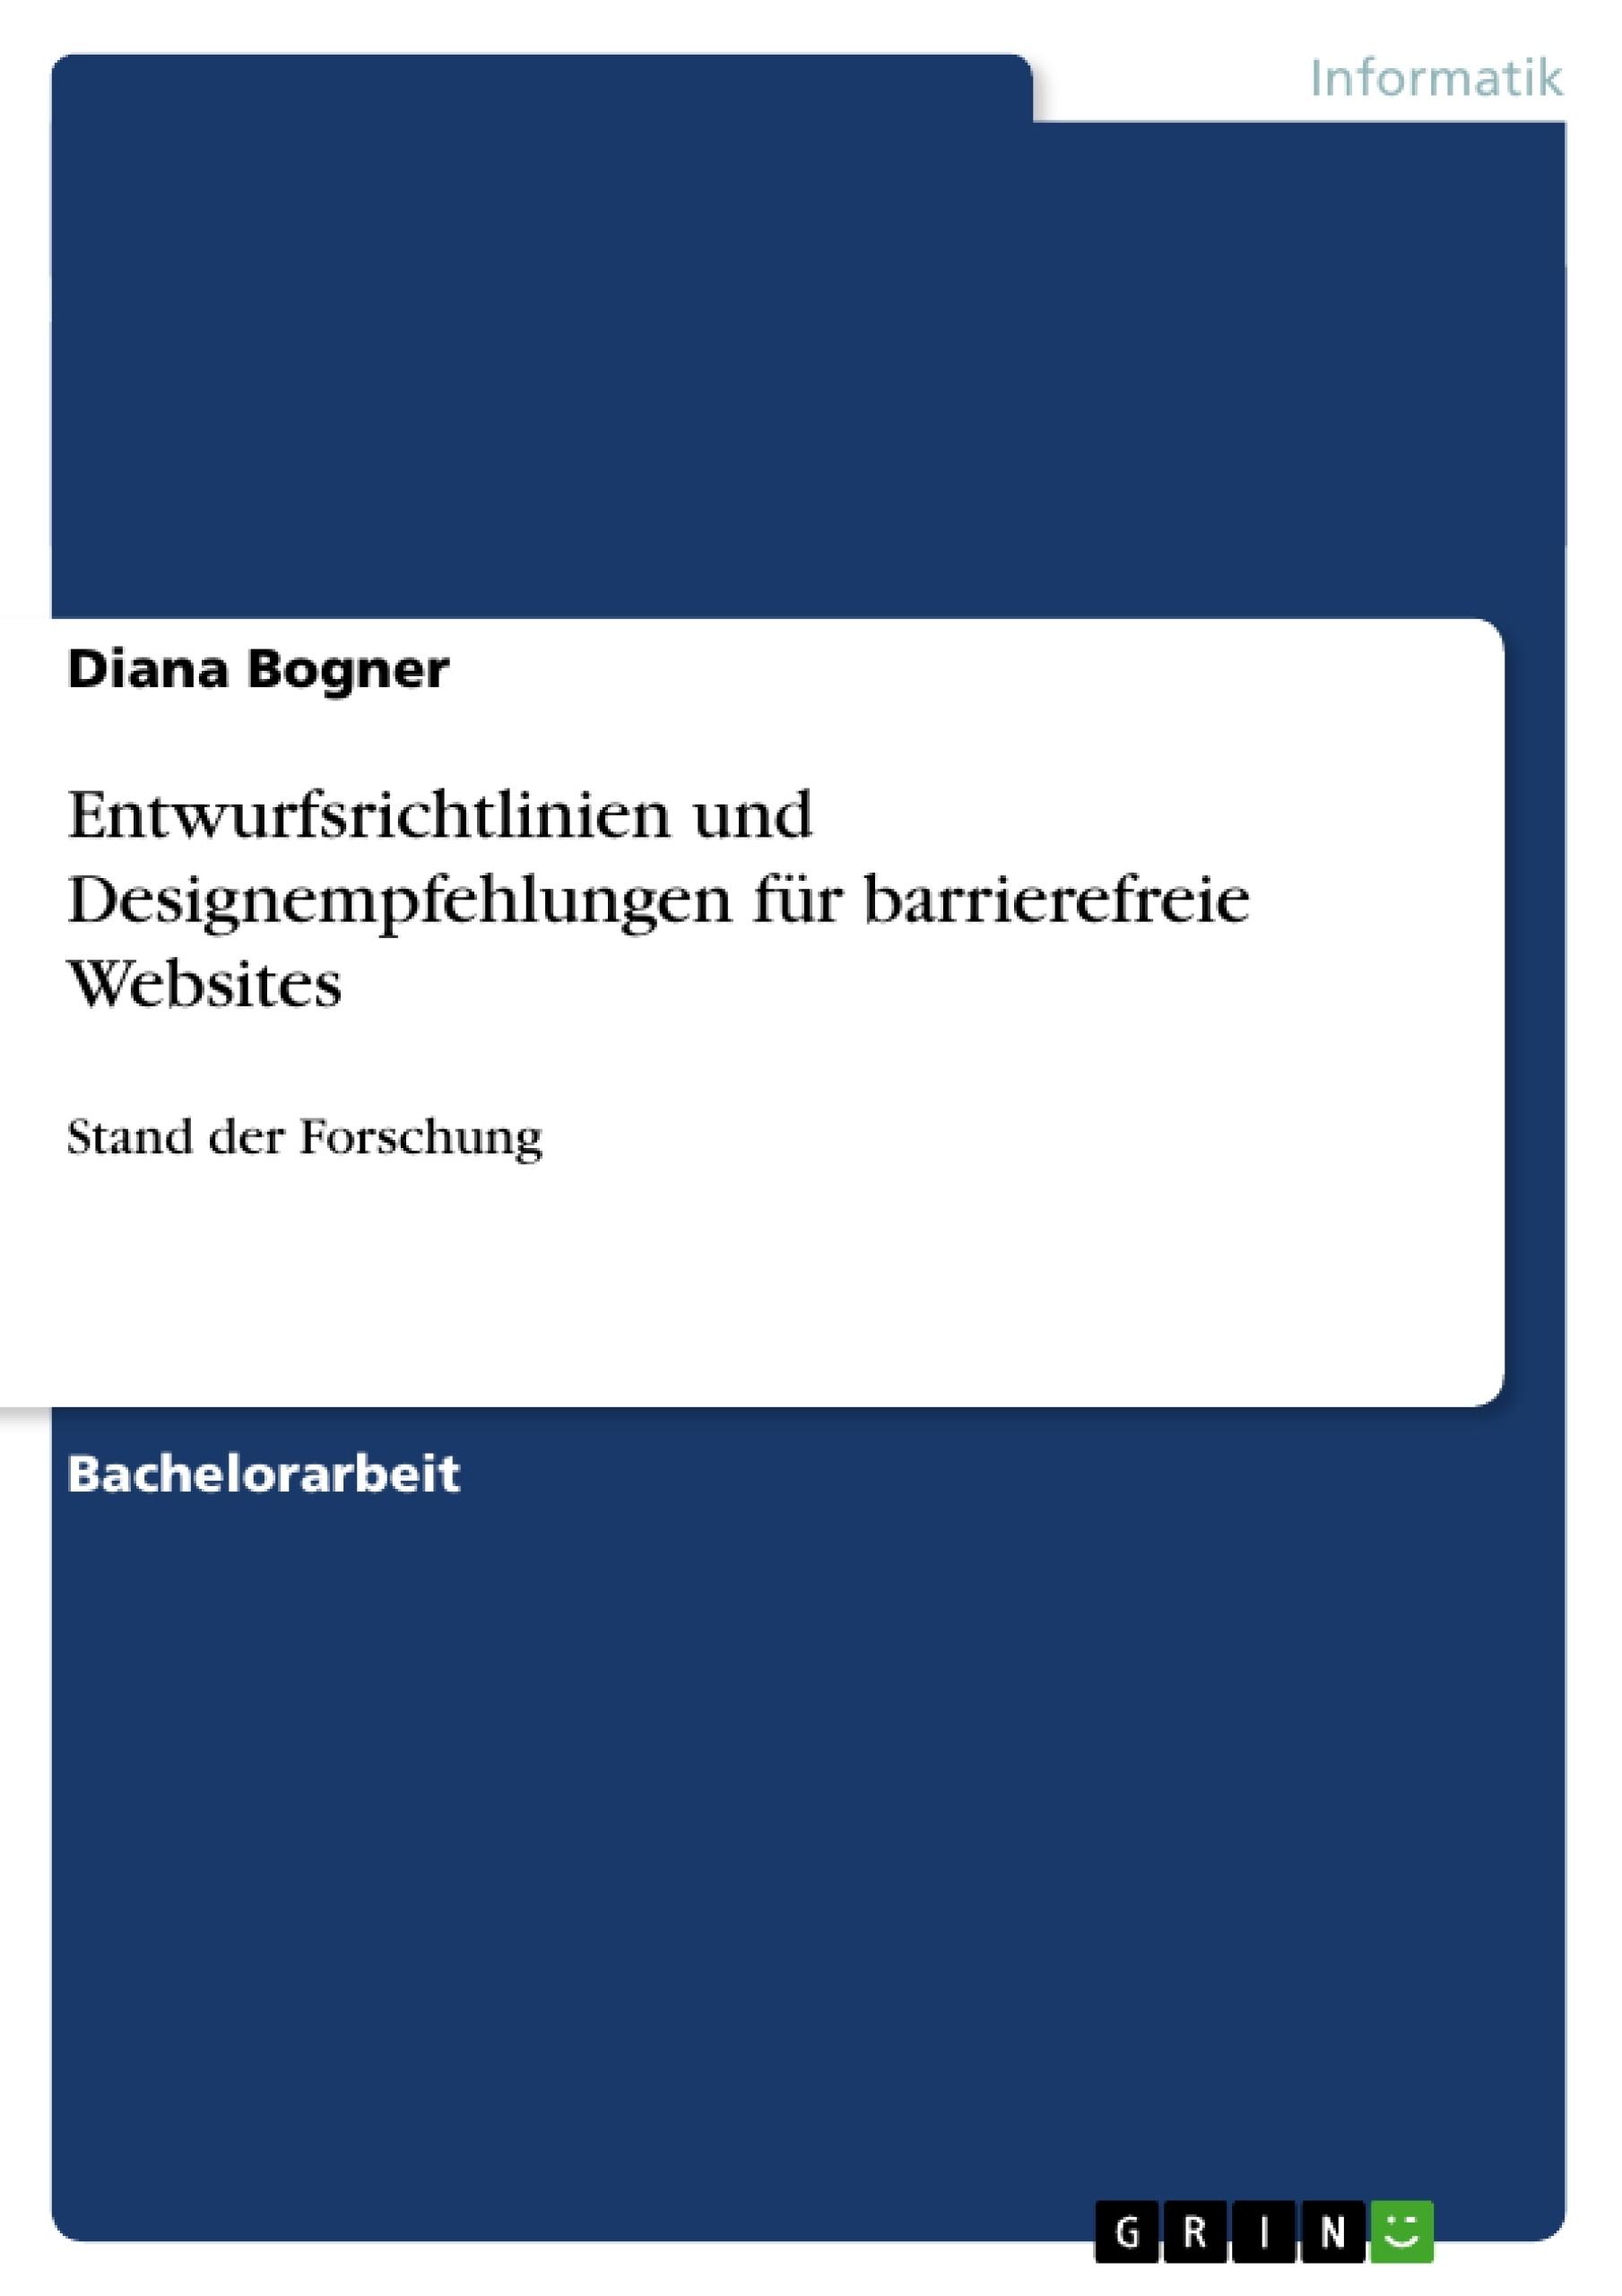 Titel: Entwurfsrichtlinien und Designempfehlungen für barrierefreie Websites